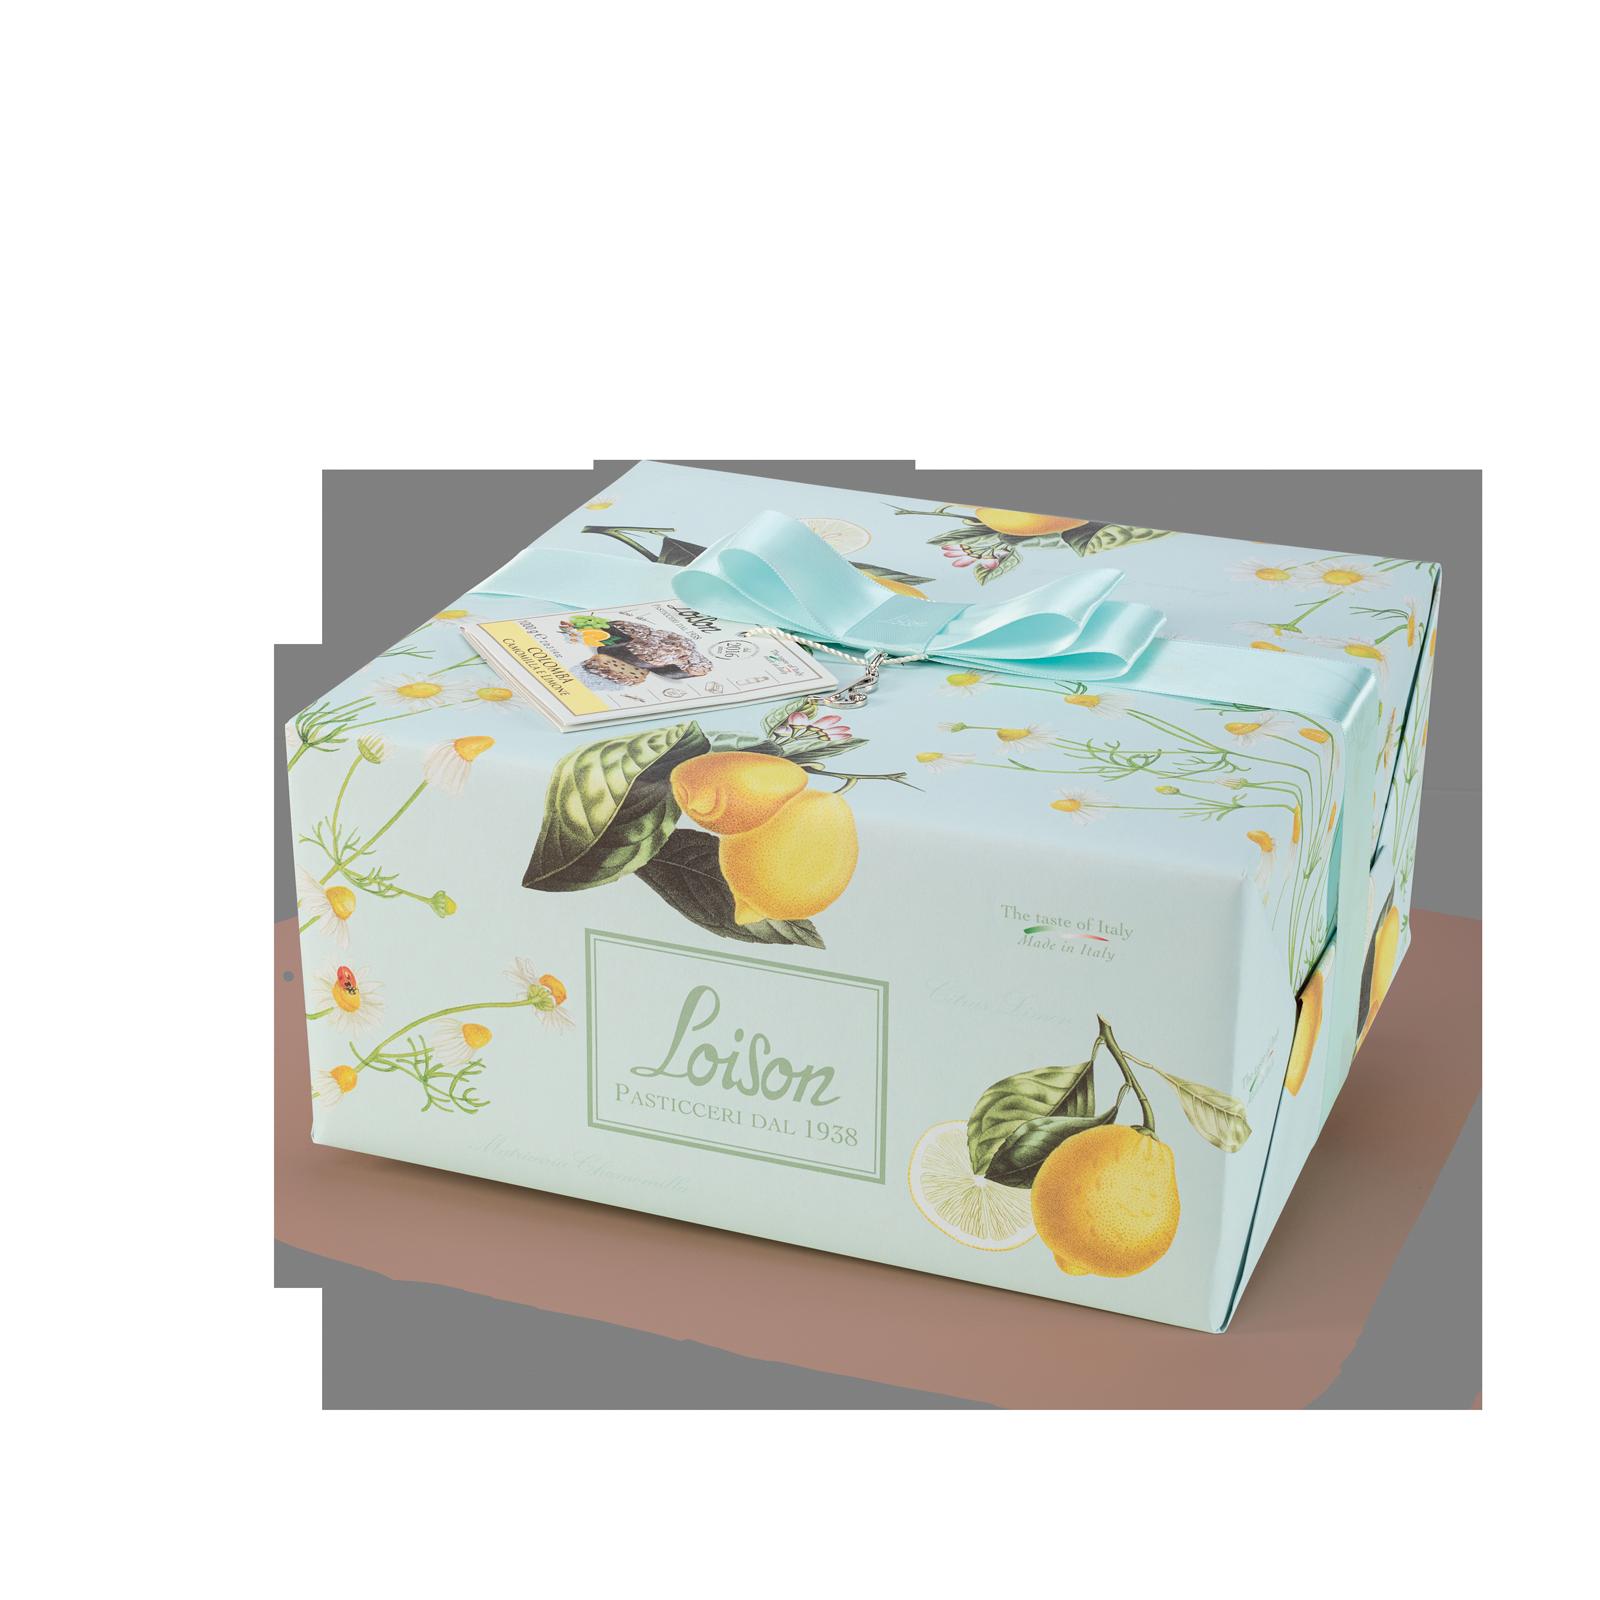 Colomba artigianale camomilla e limone